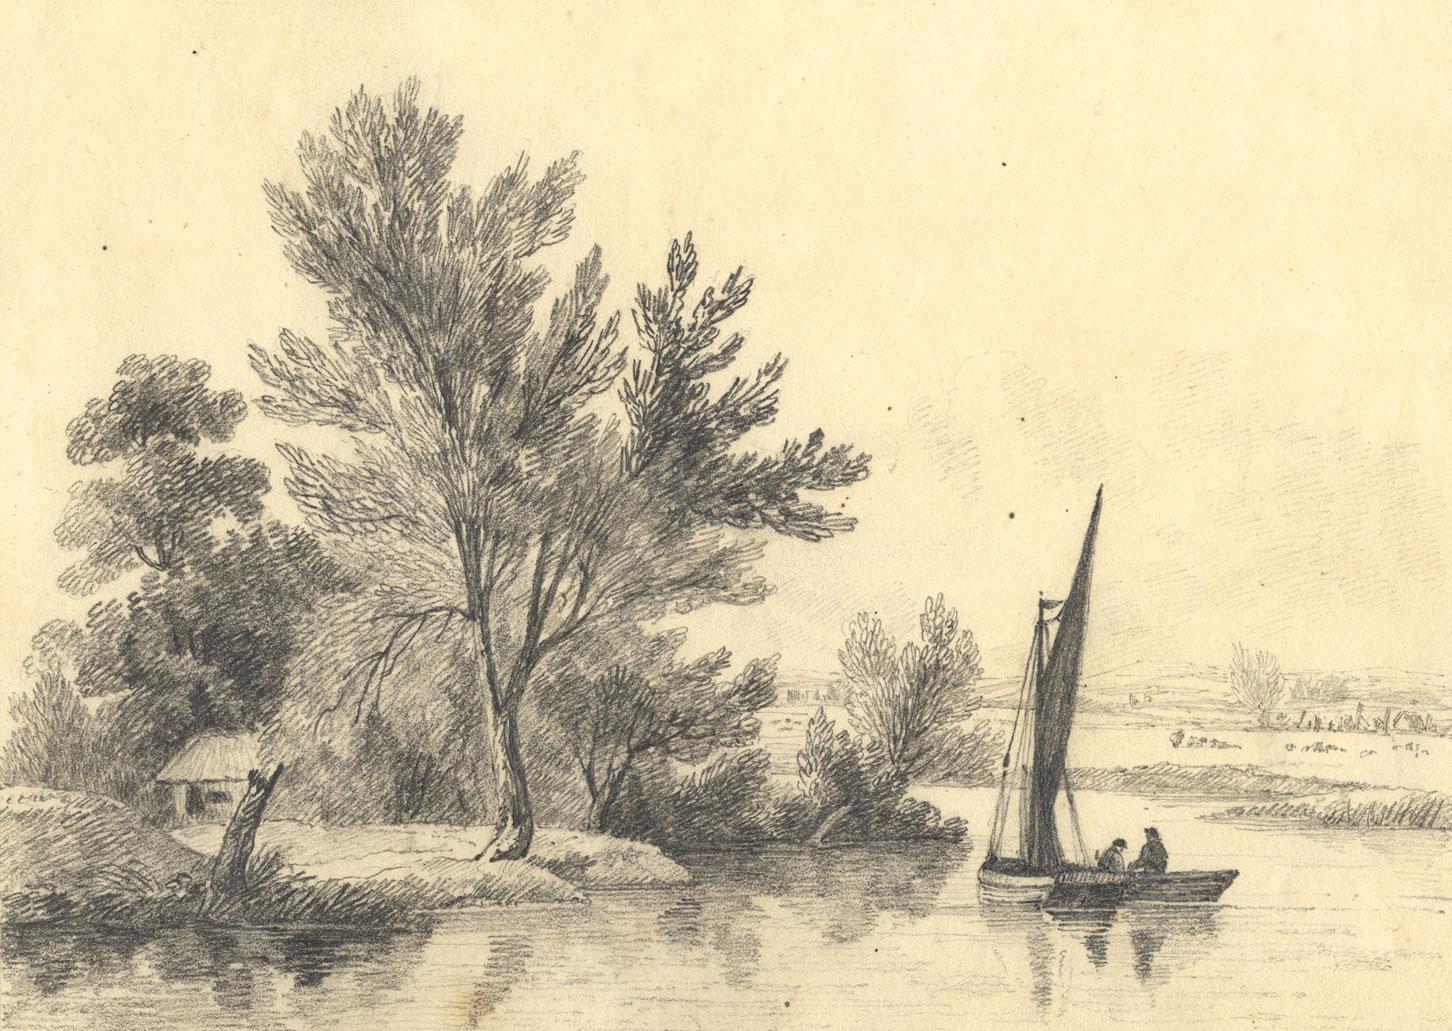 C B Pearson Bateau A Voile Sur La Tamise Iffley Oxford 1819 Dessin Grap Ebay